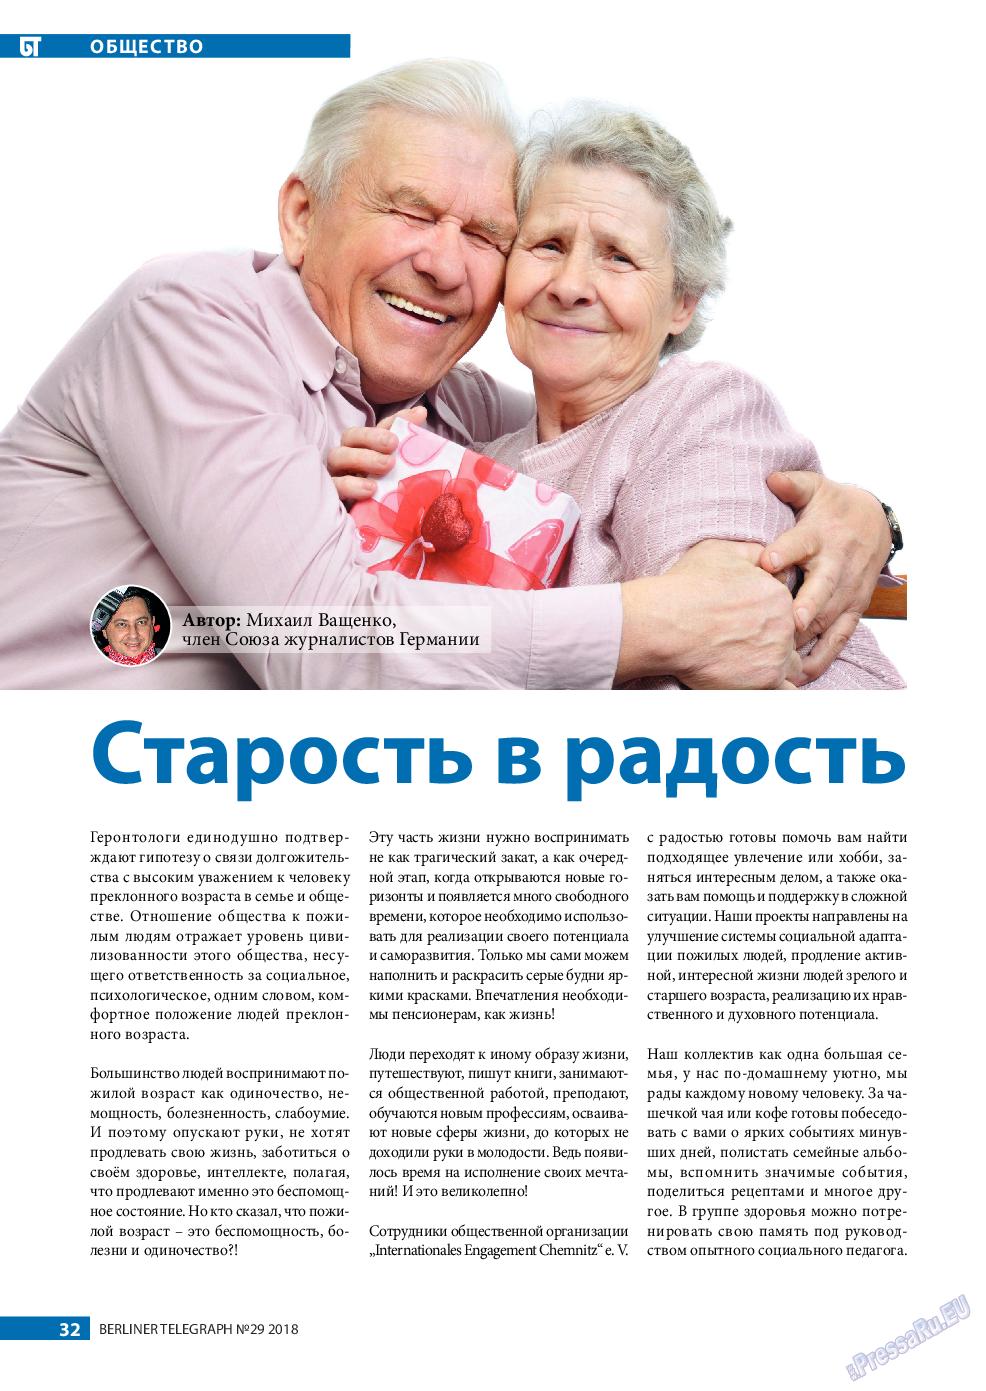 Берлинский телеграф (журнал). 2018 год, номер 29, стр. 32